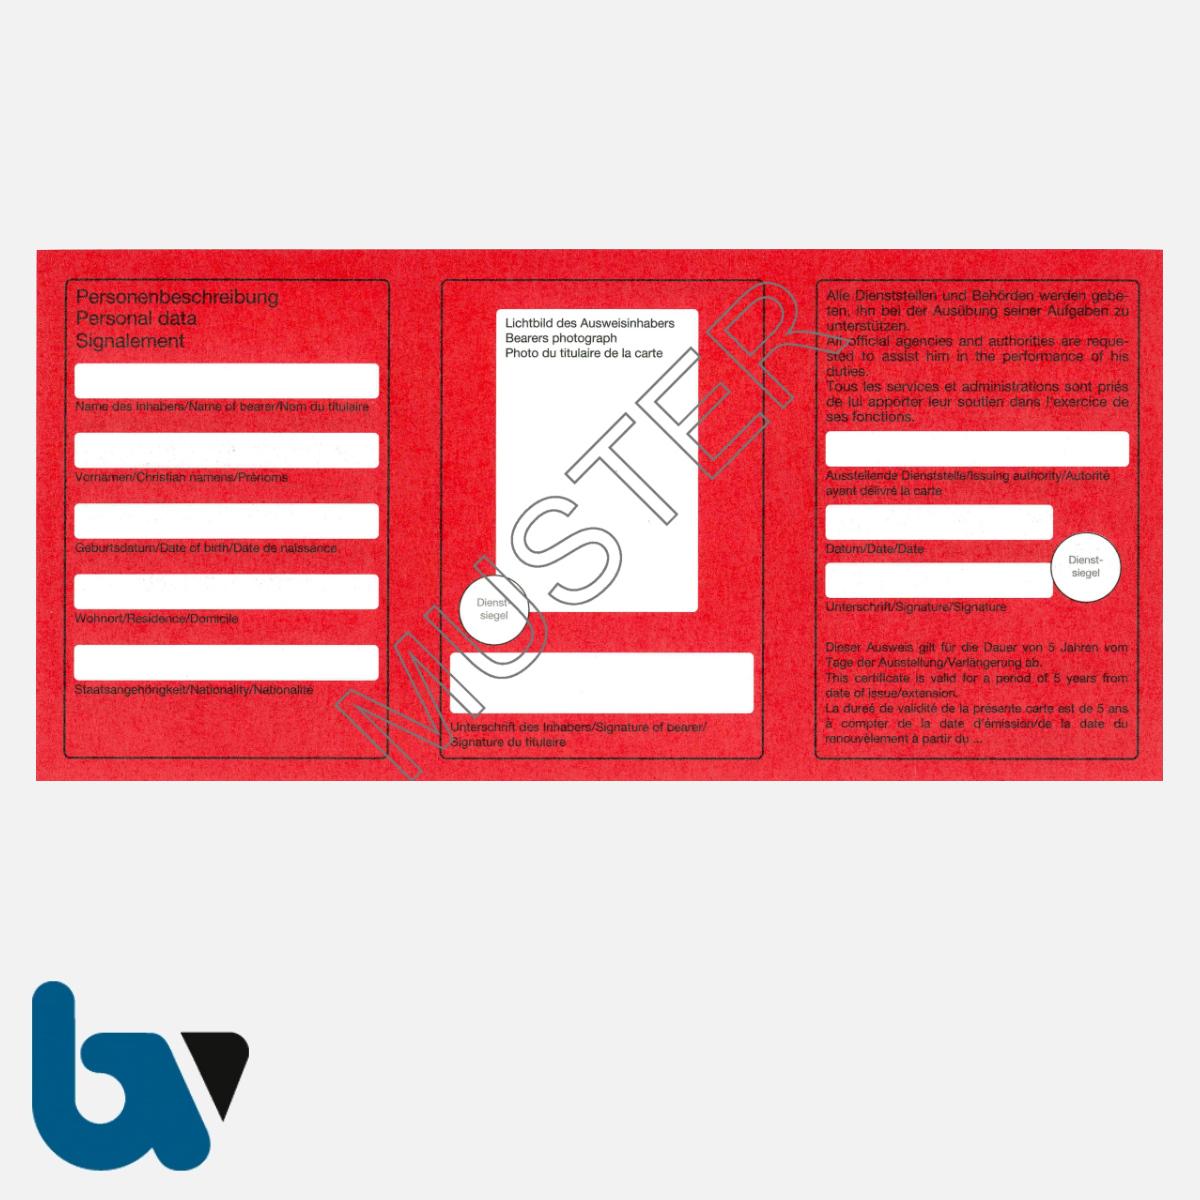 11/461-1.1 Dienstausweis Feuerwehr mehrsprachig rot weiß Neobond RS | Borgard Verlag GmbH